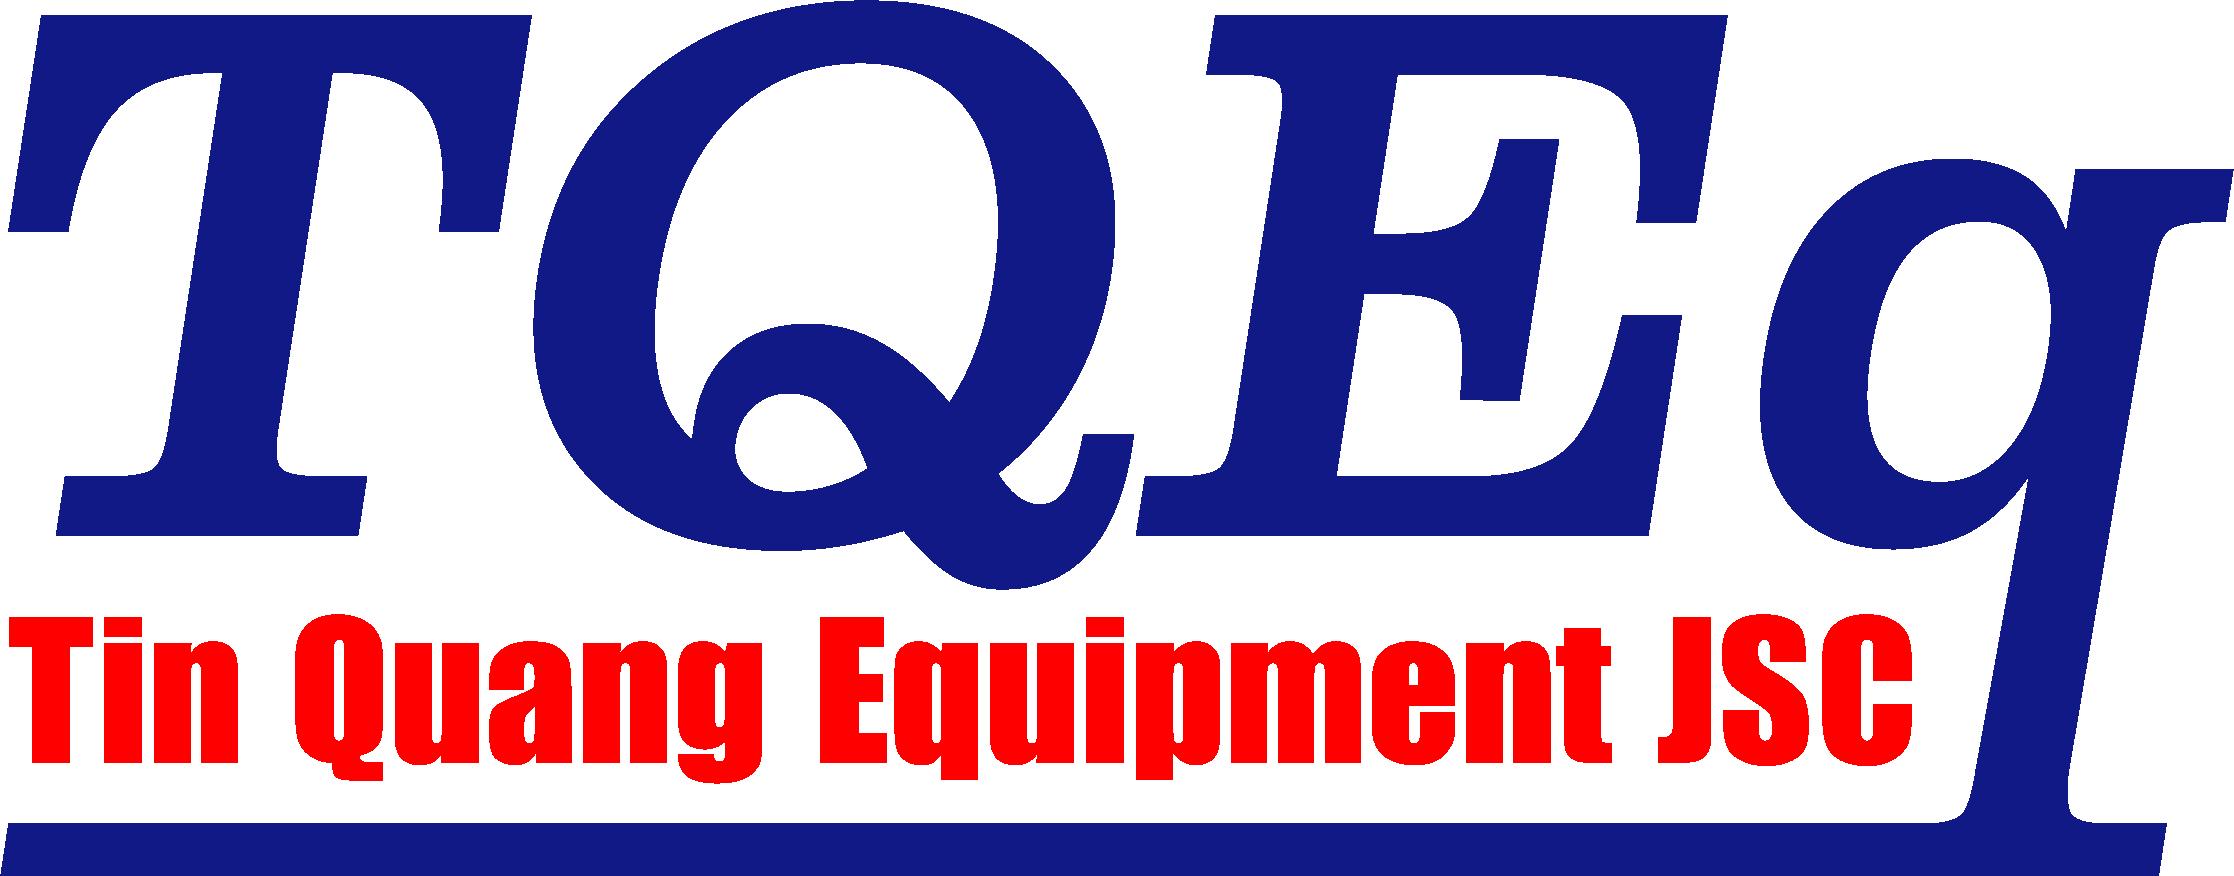 Đại lý chính thức phân phối máy công trình CASE | Tín Quang Equipment